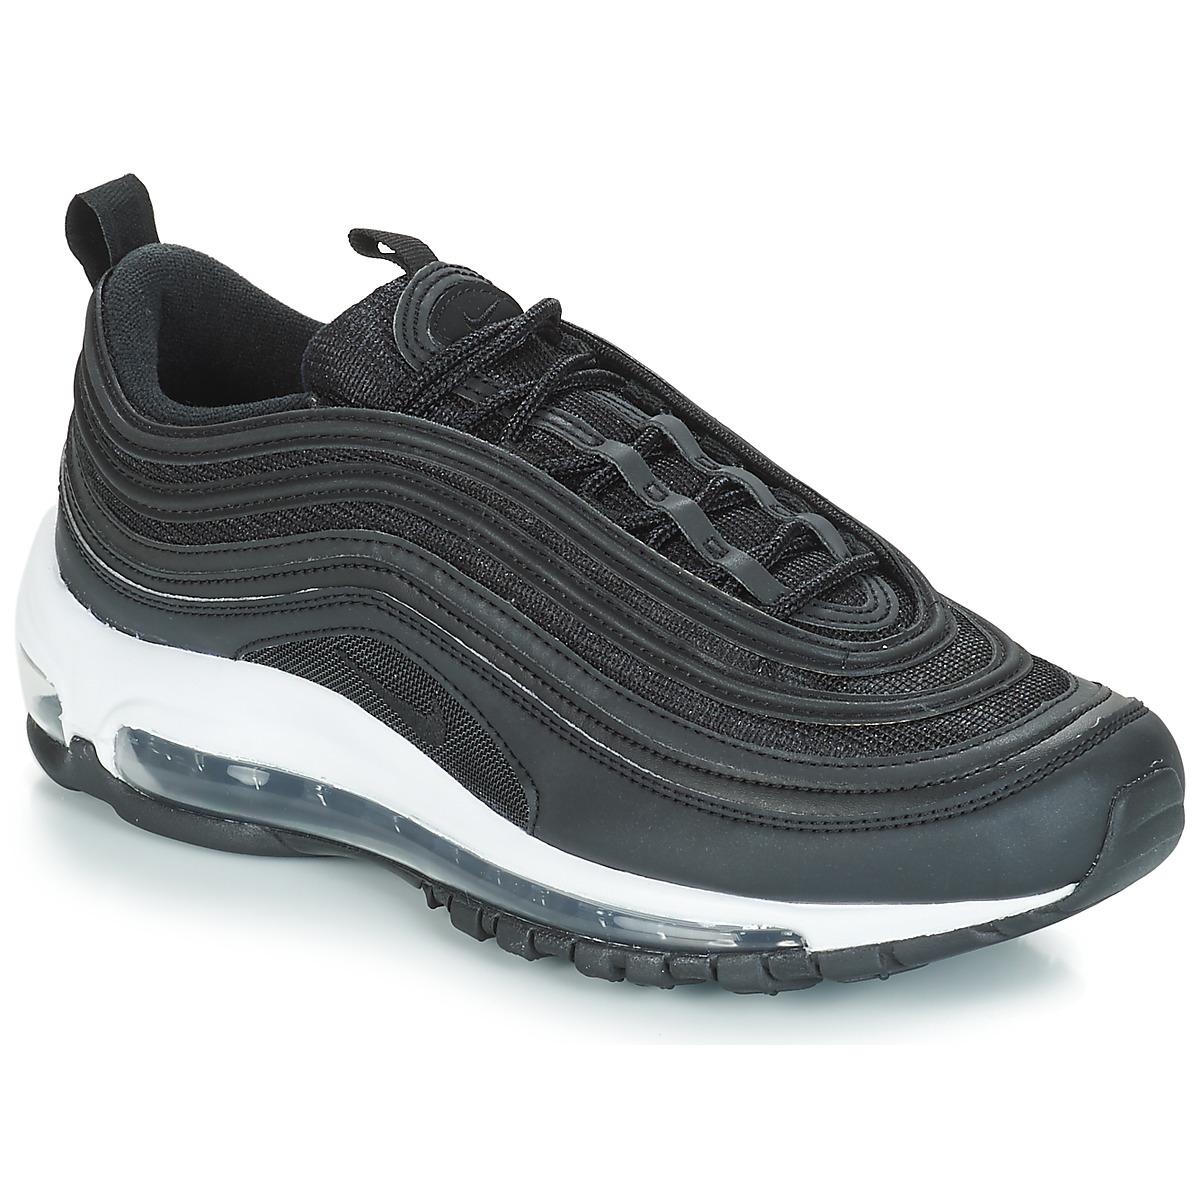 scarpe donna air max 97 nere